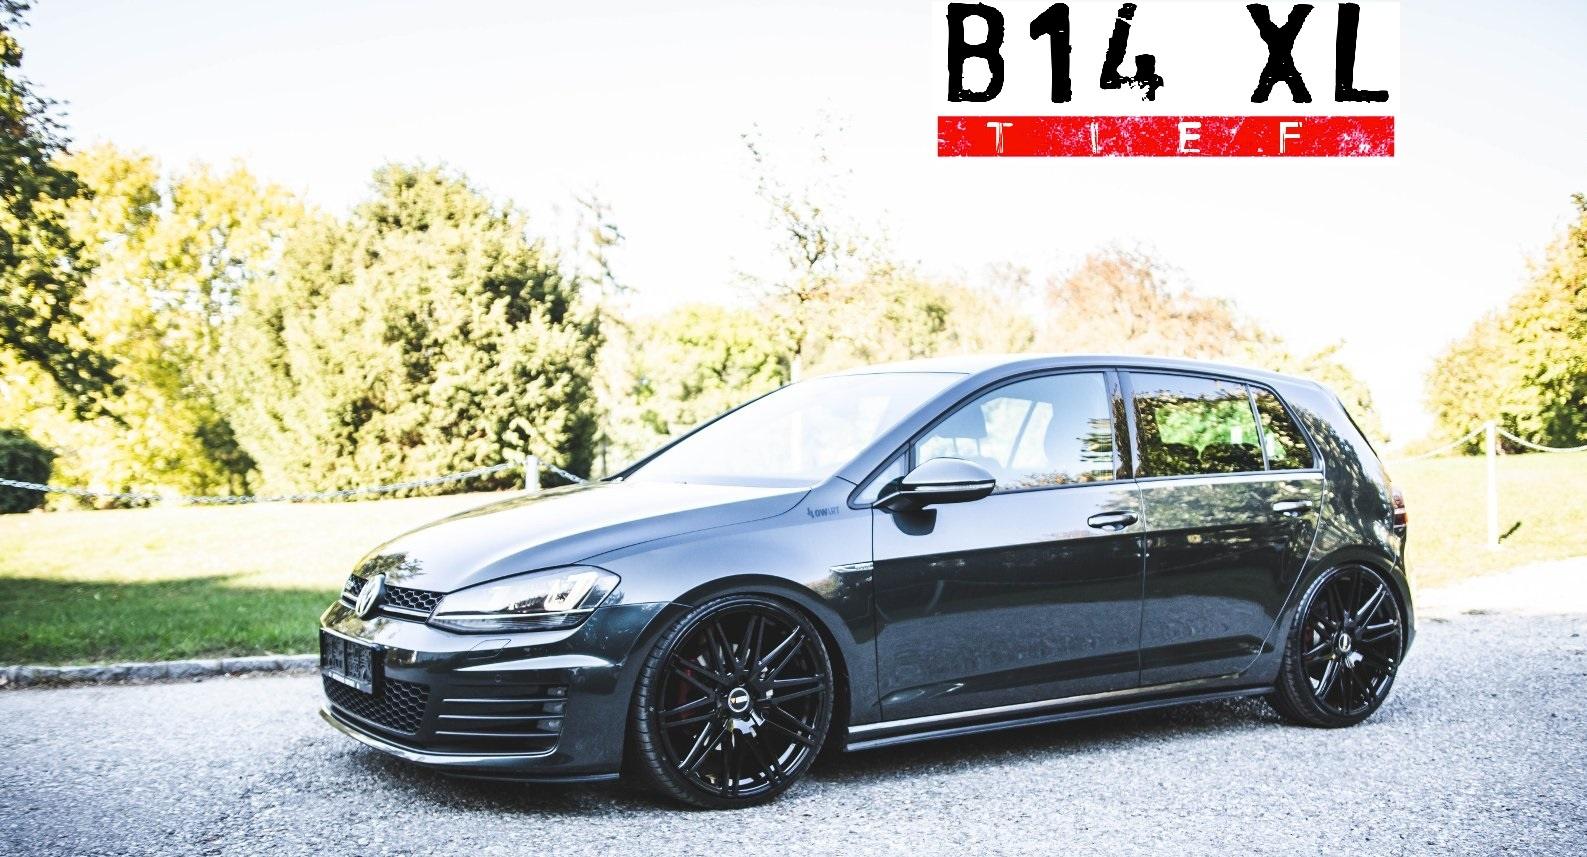 Bilstein B14 XL tief VW Golf 7 55mm Gewindefahrwerk Schraubfahrwerk